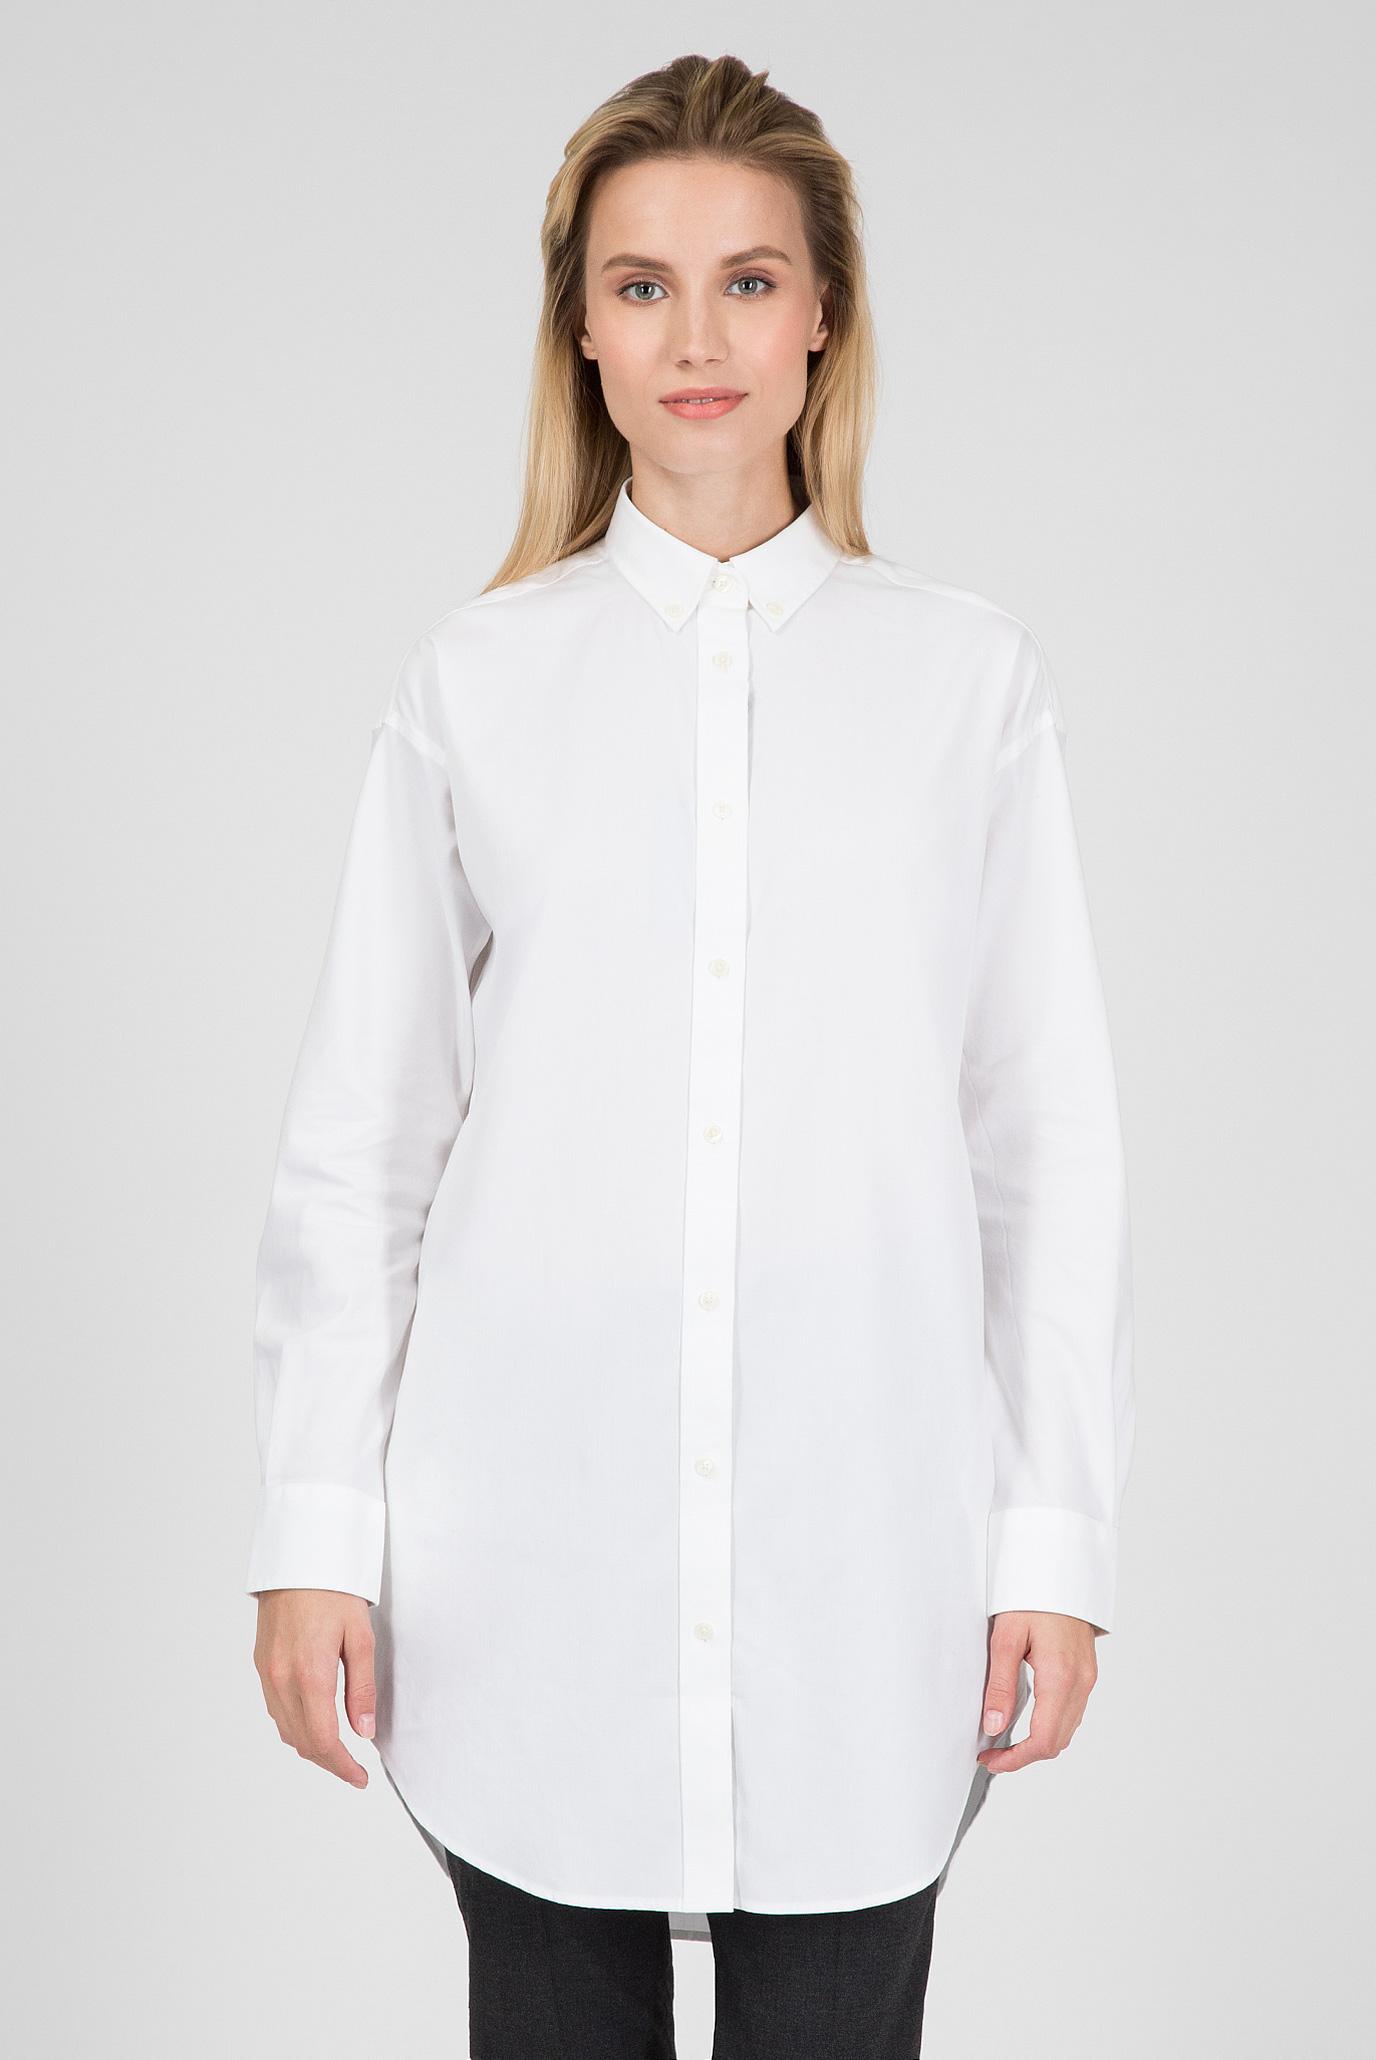 Купить Женская белая удлиненная рубашка Gant Gant 4300020 – Киев, Украина. Цены в интернет магазине MD Fashion